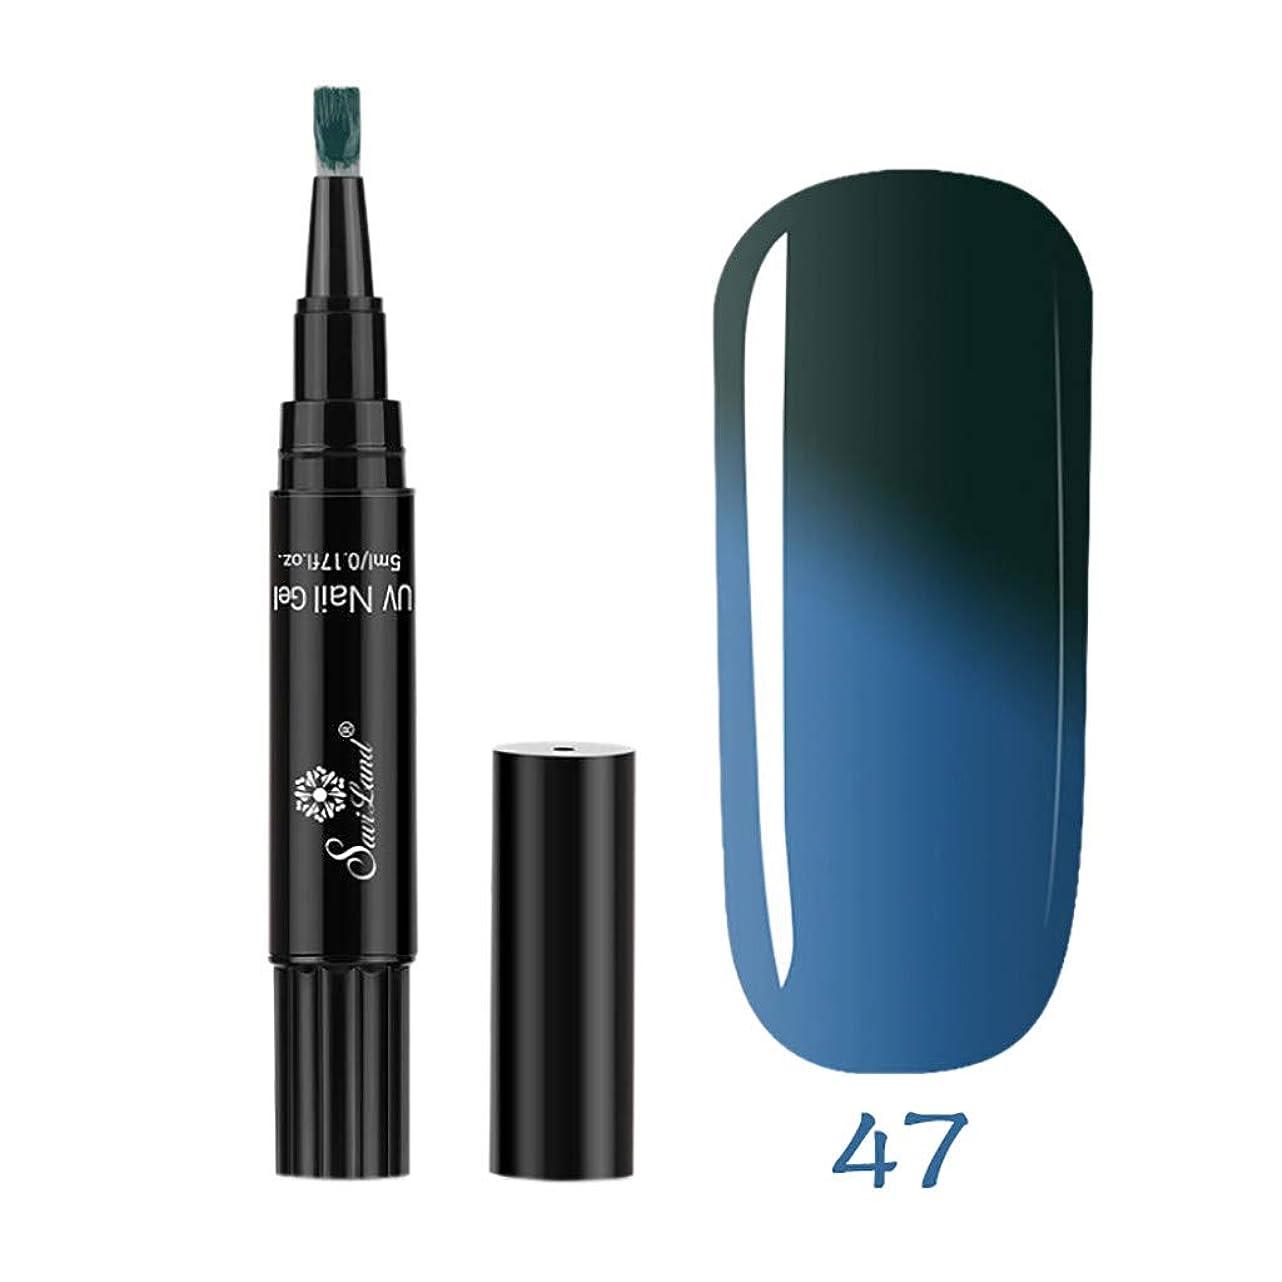 ピーク国歌組立1ステップネイルジェルペンに1 Pc 3 UV温度変更ジェルを使用するには1ステップネイル (H)